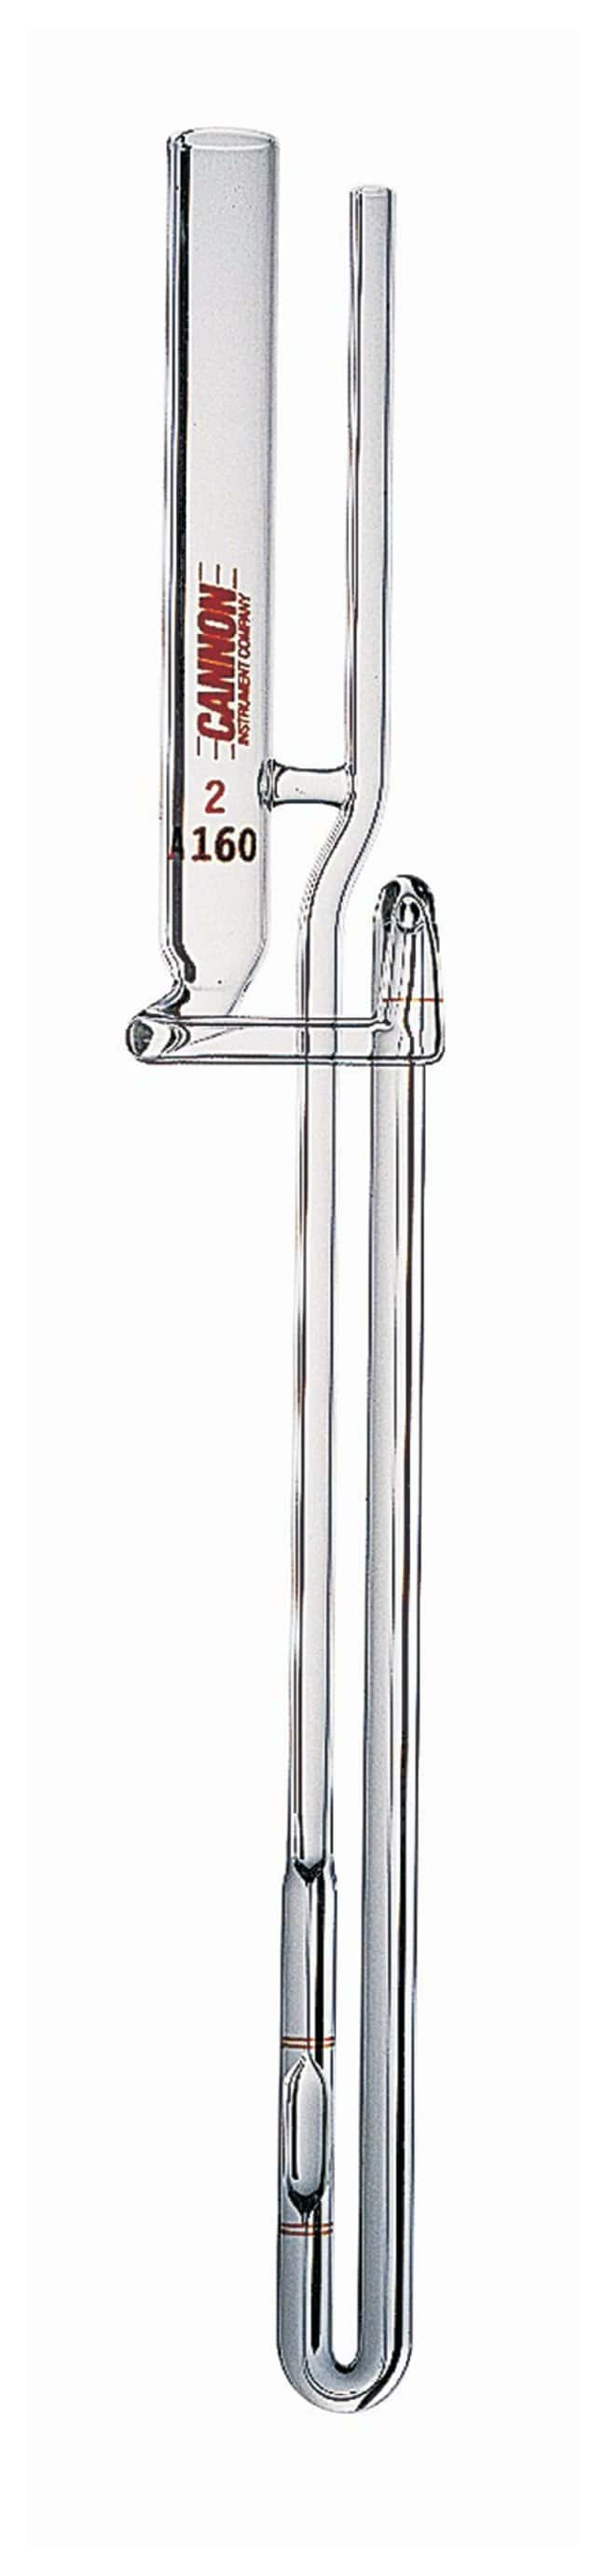 Cannon Zeitfuchs Cross-Arm Viscometer Size: 3; 0.3cSt/sec.:Spectrophotometers,